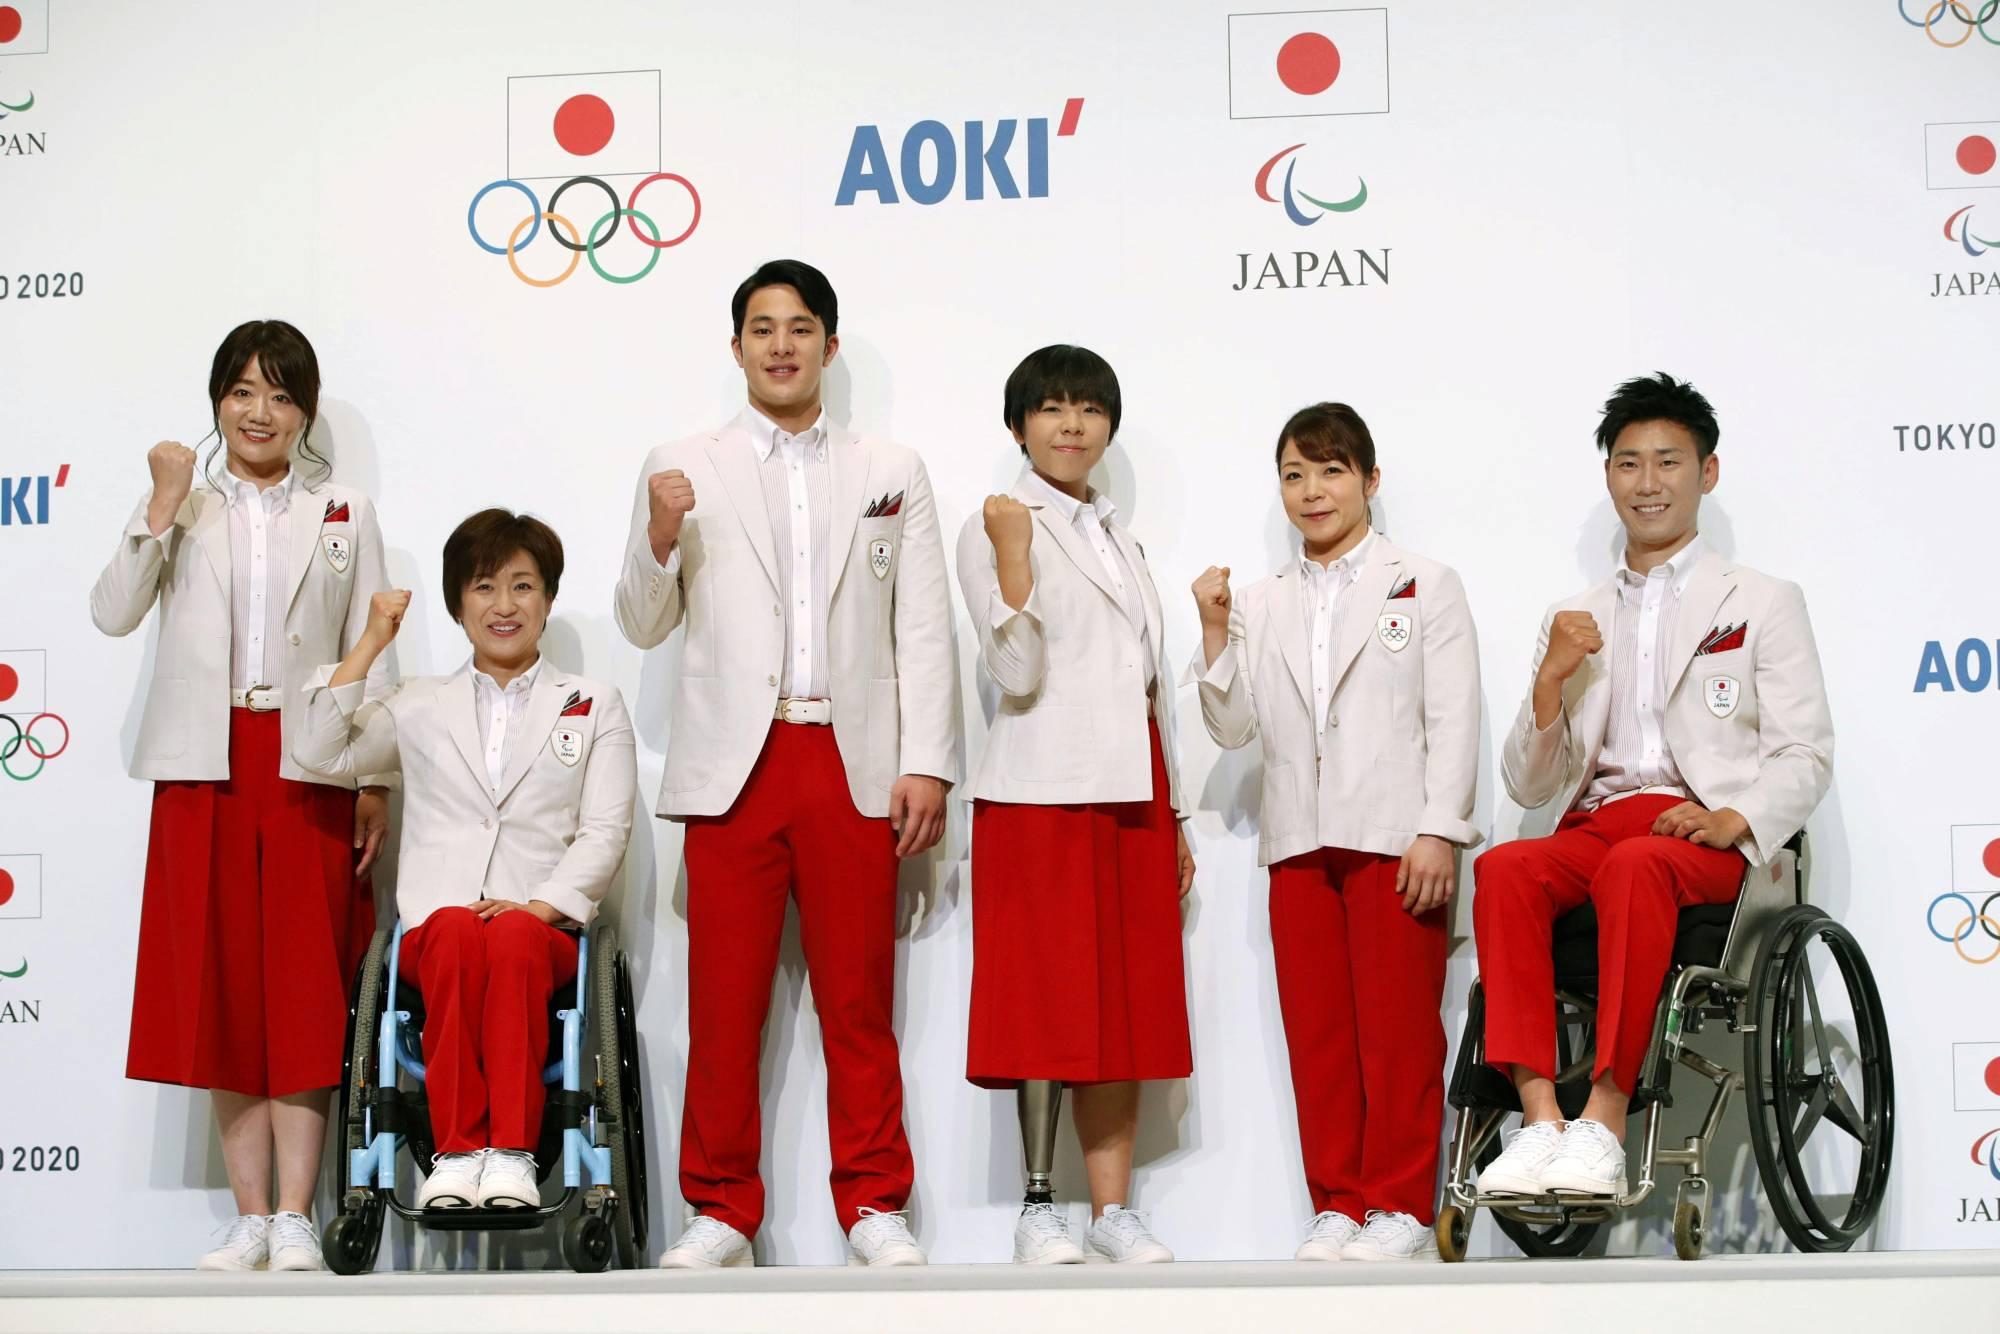 JUEGOS OLIMPICOS DE TOKIO 2021, UNIFORMES NACIONALES DE JAPÓN